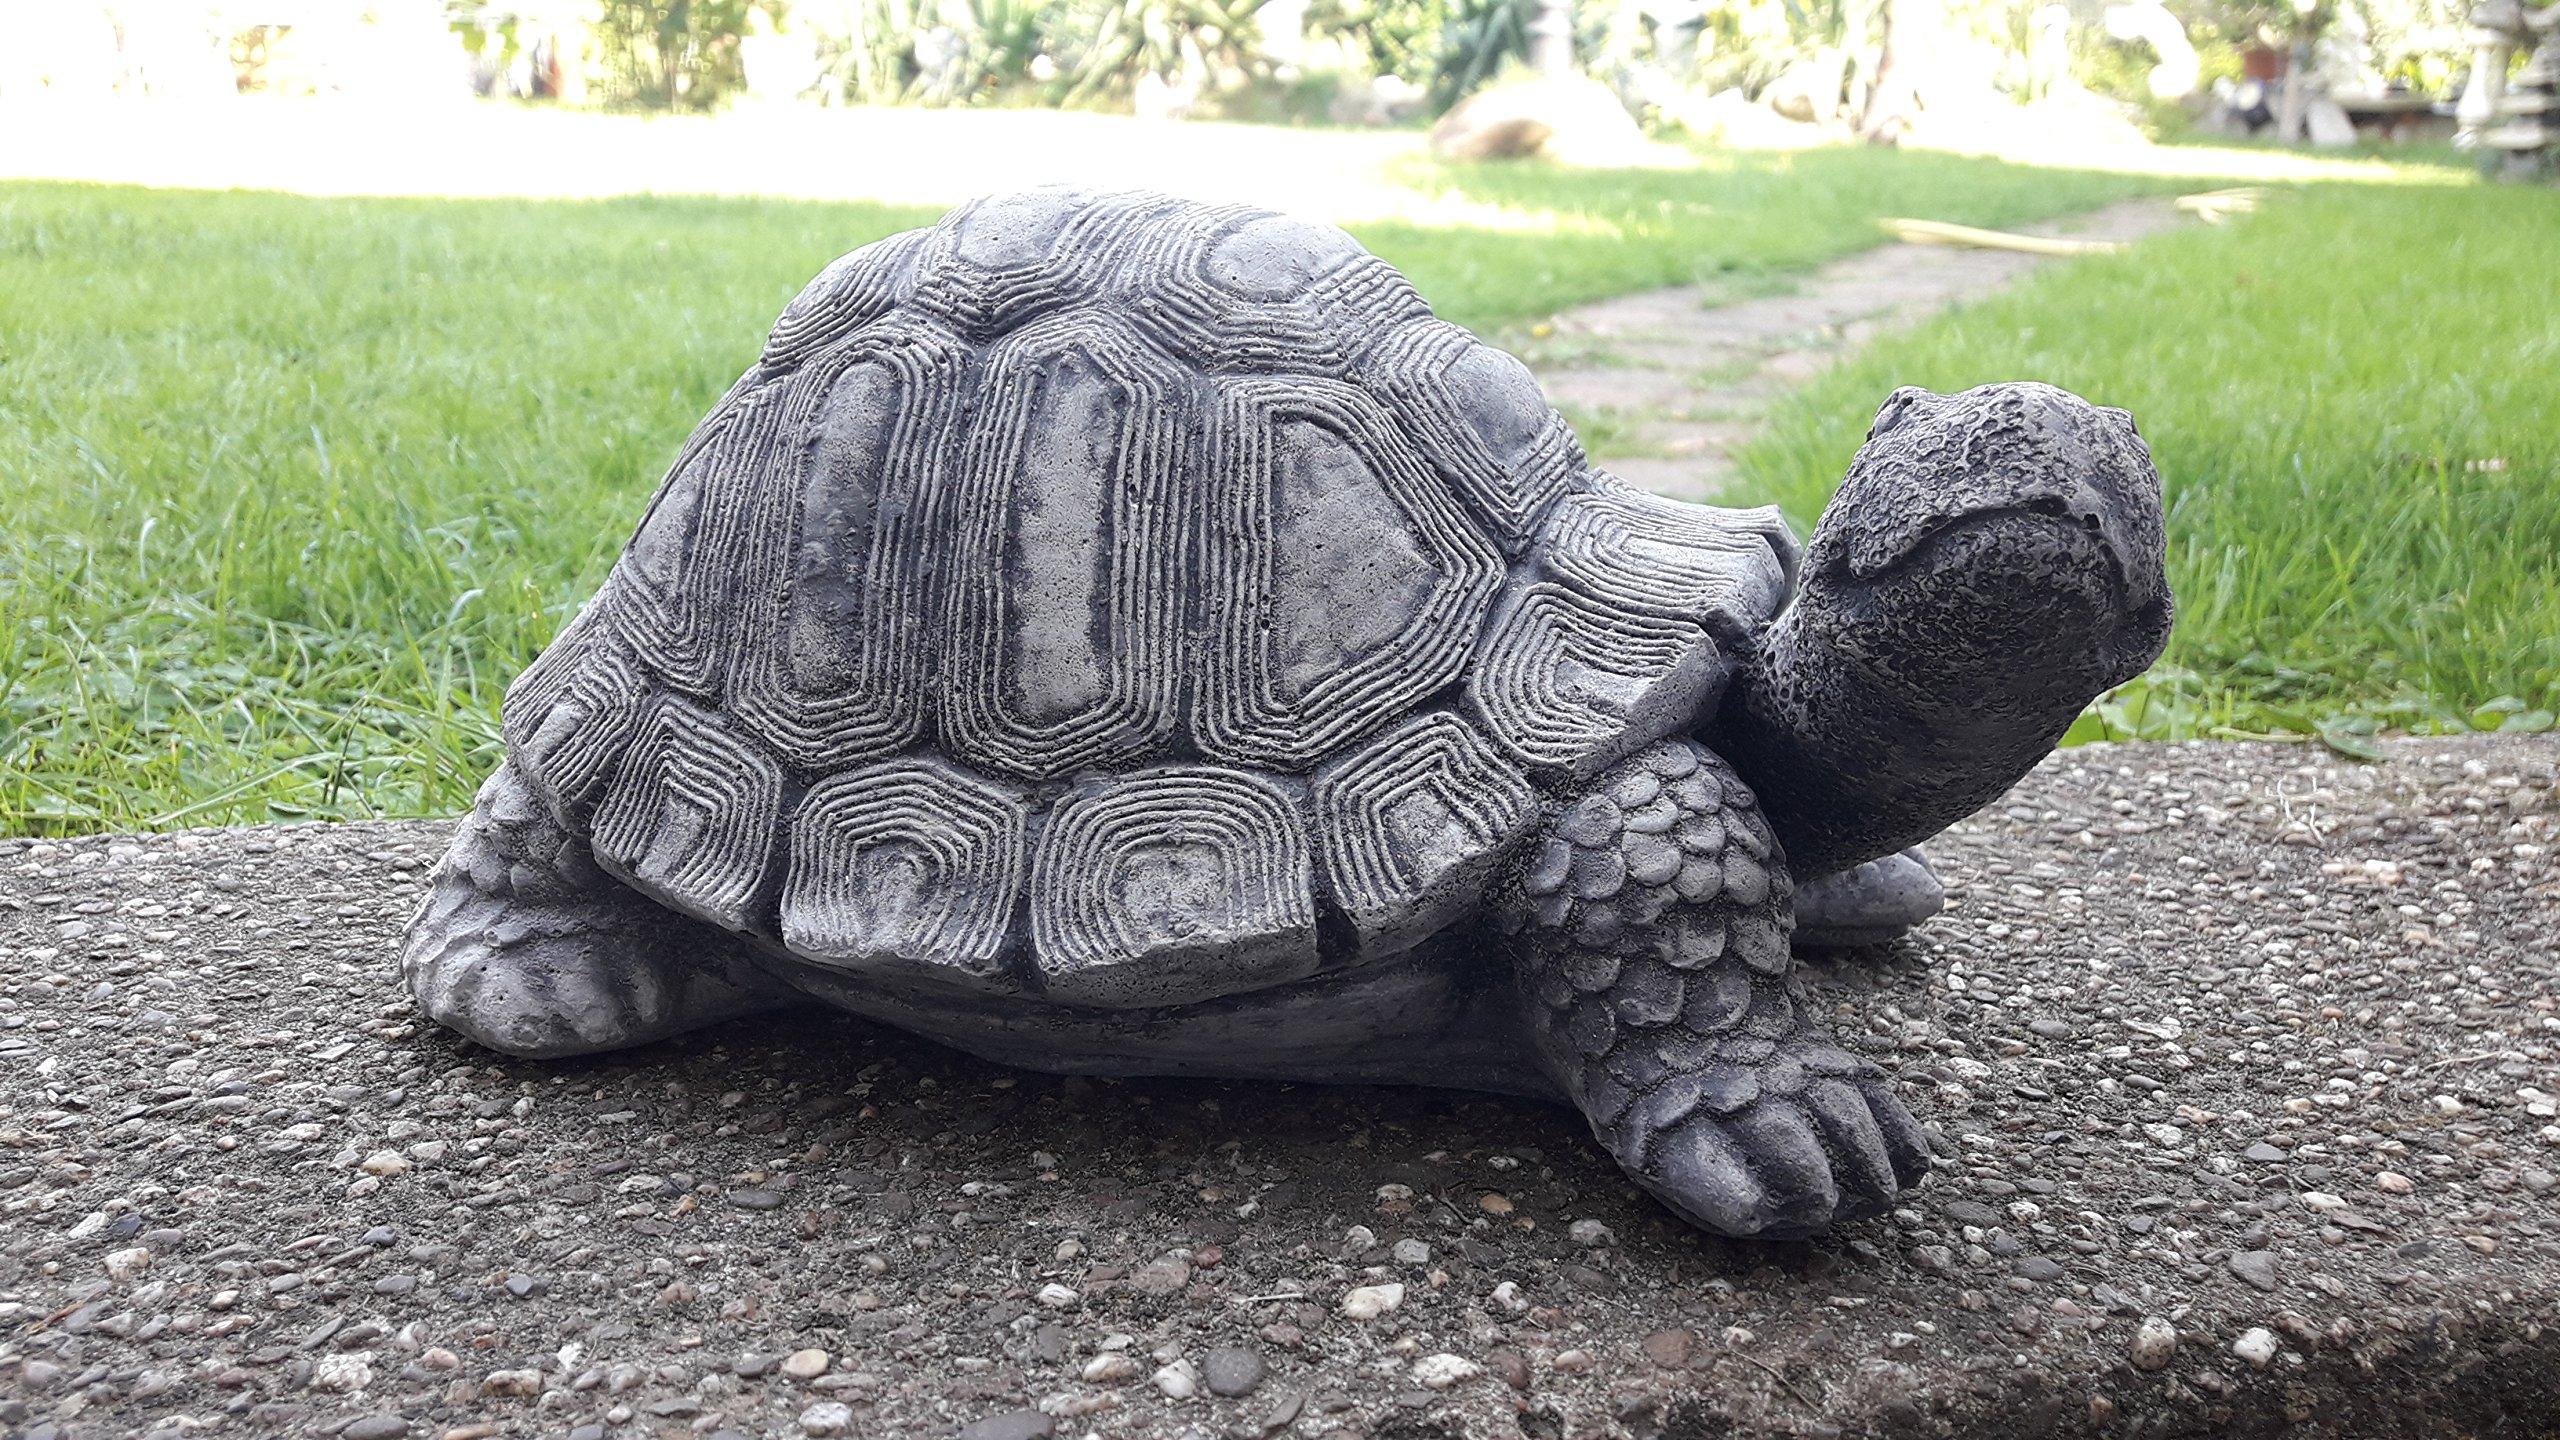 piedra Figura GRO Tortuga 28 cm Decoración Jardín Animales Animales Figura Jardín figuras nuevo: Amazon.es: Jardín